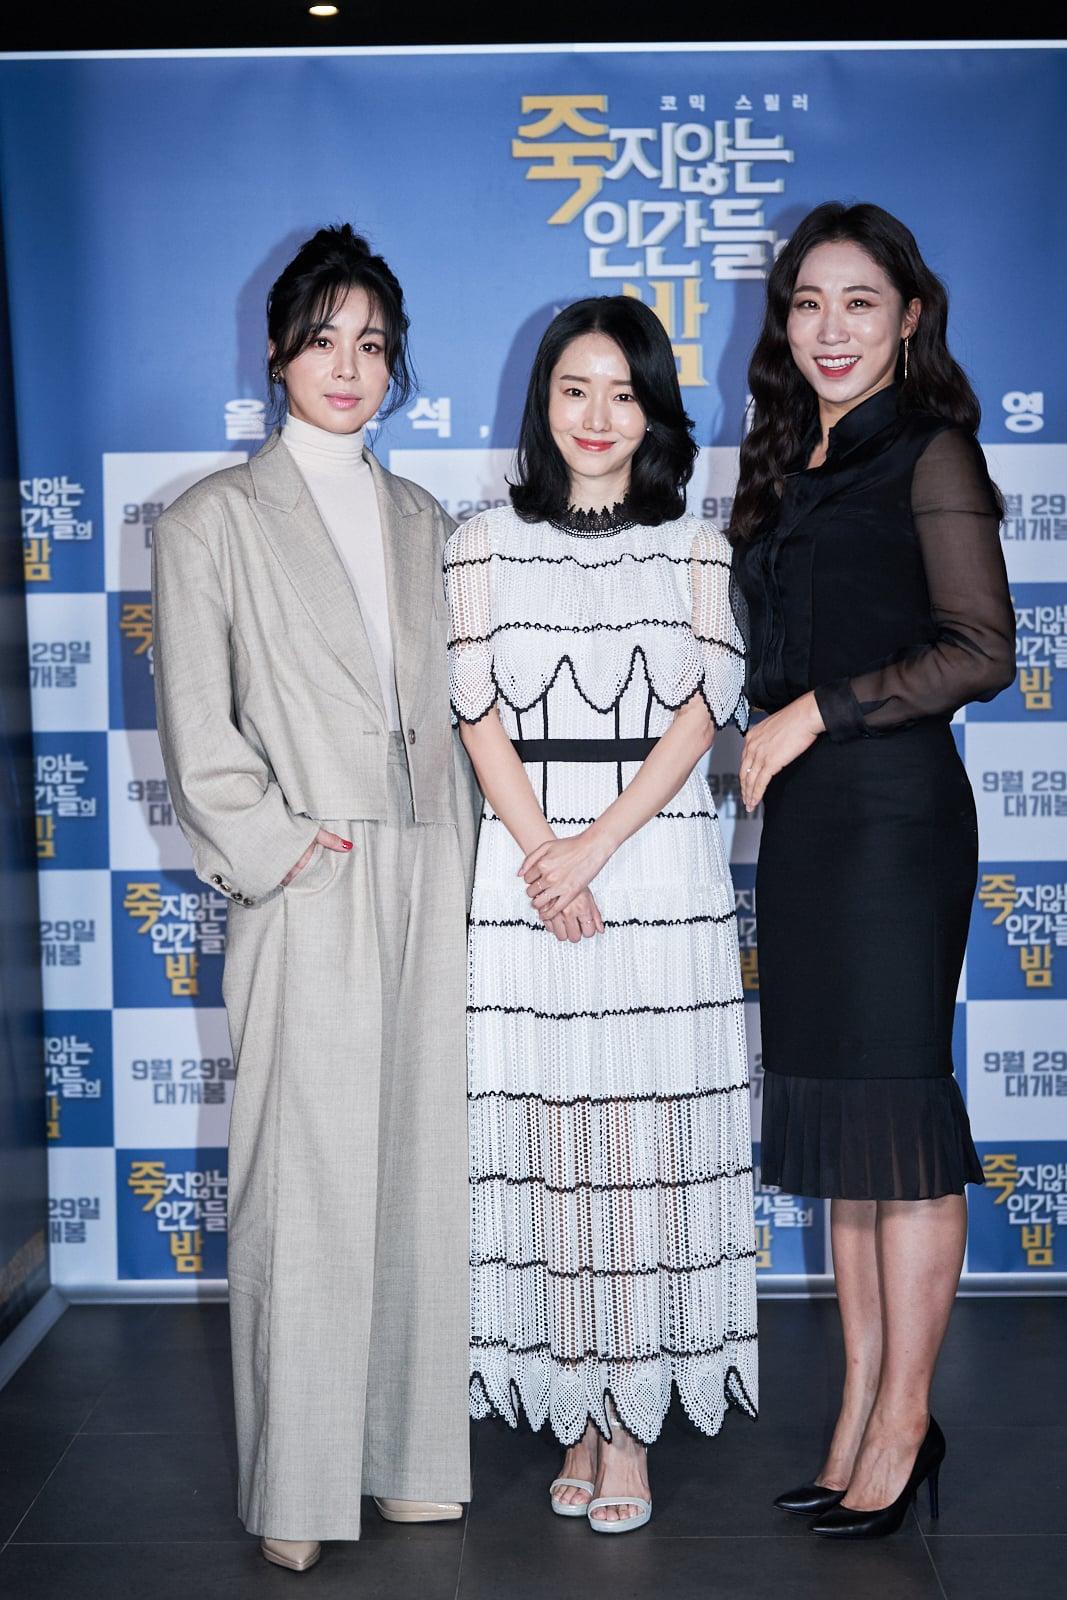 영화 '죽지않는 인간들의 밤' 동창 3인방. 배우